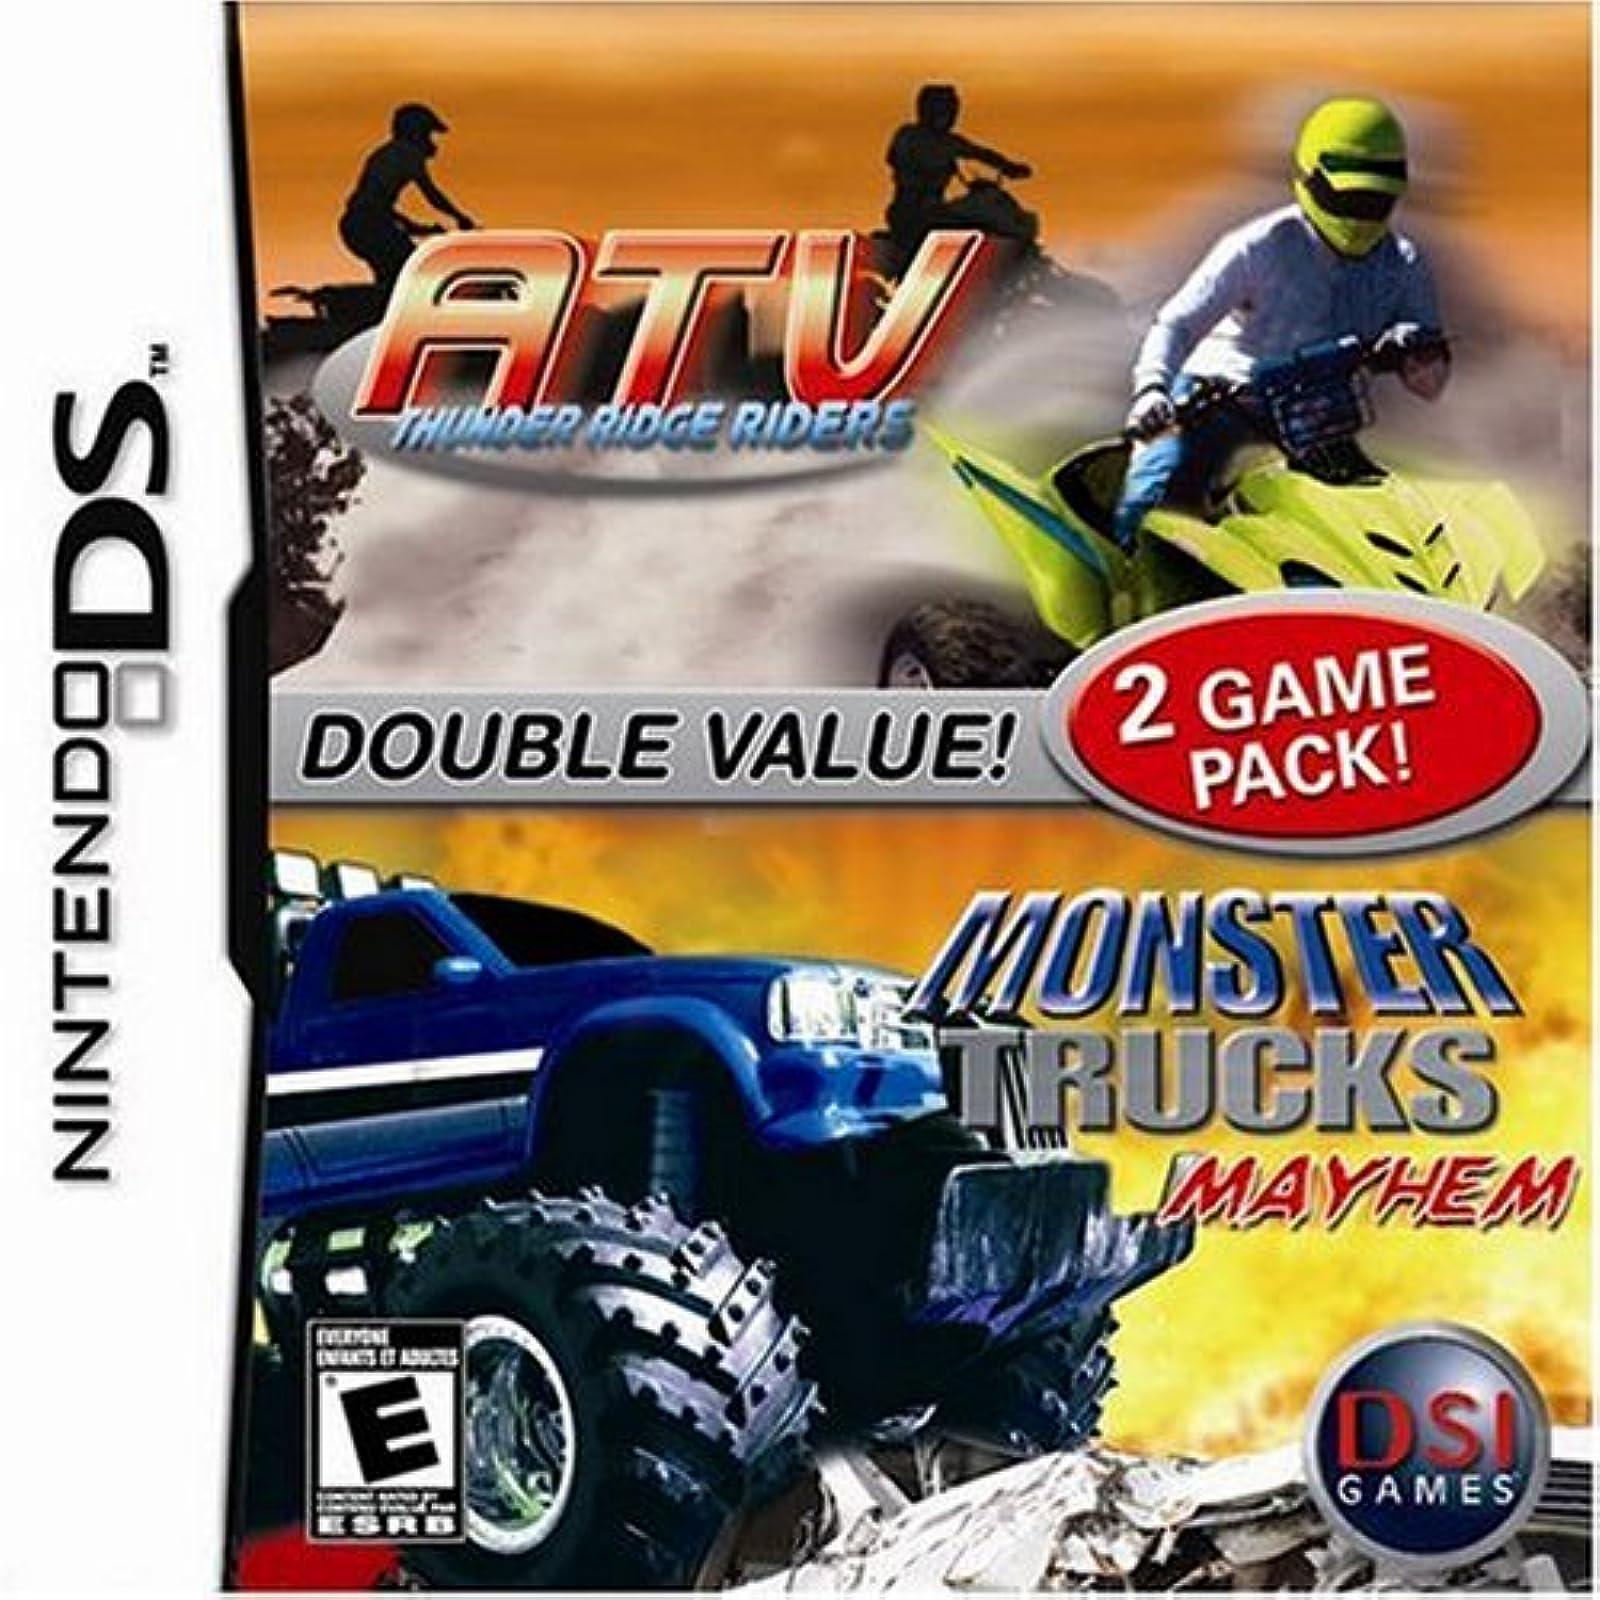 ATV Thunder Ridge Riders / Monster Trucks Mayhem For Nintendo DS DSi 3DS 2DS